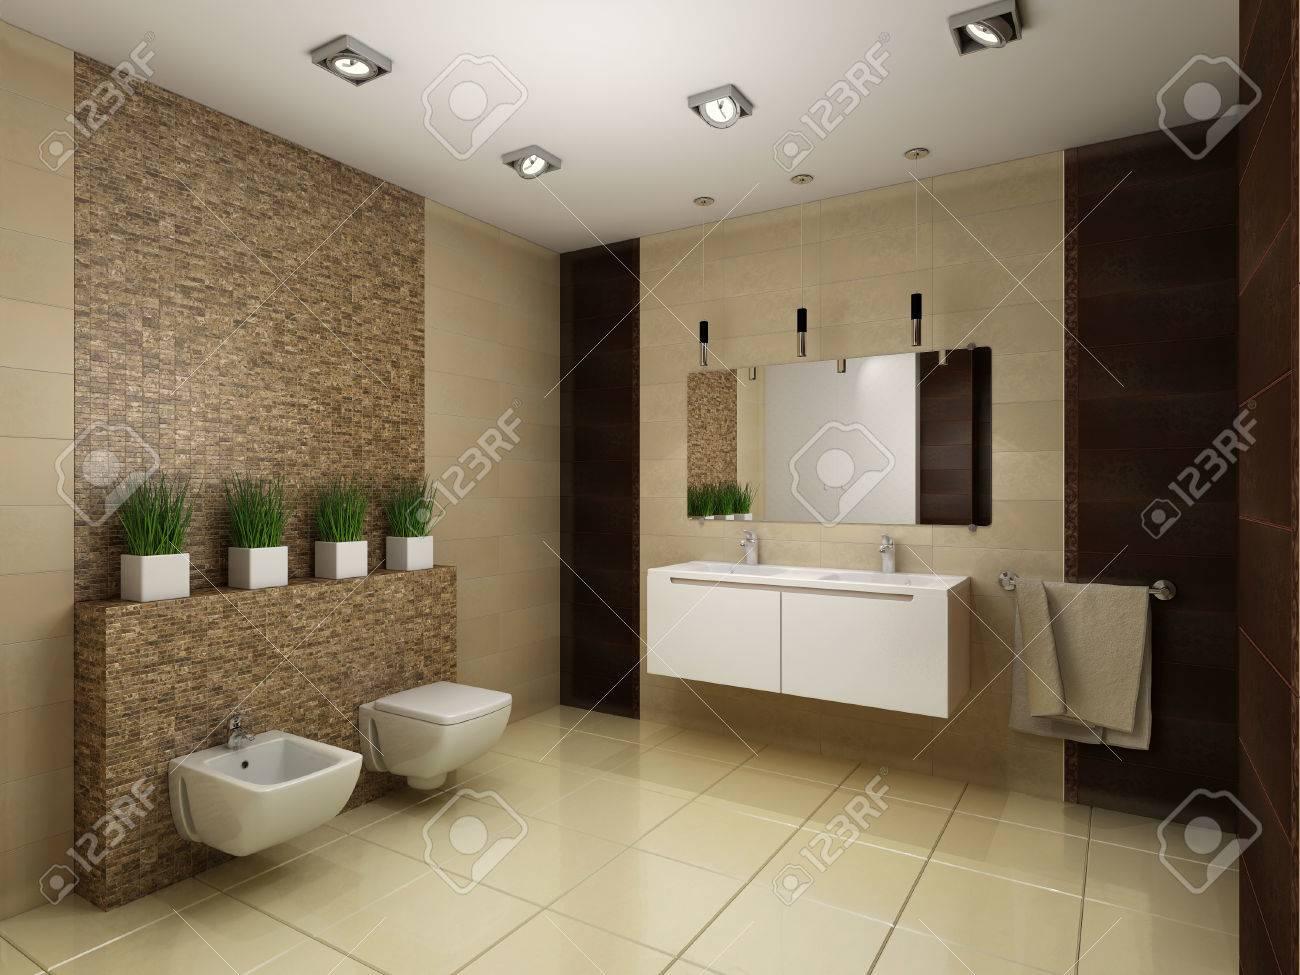 3d Des Badezimmers In Brauntonen Machen Lizenzfreie Fotos Bilder